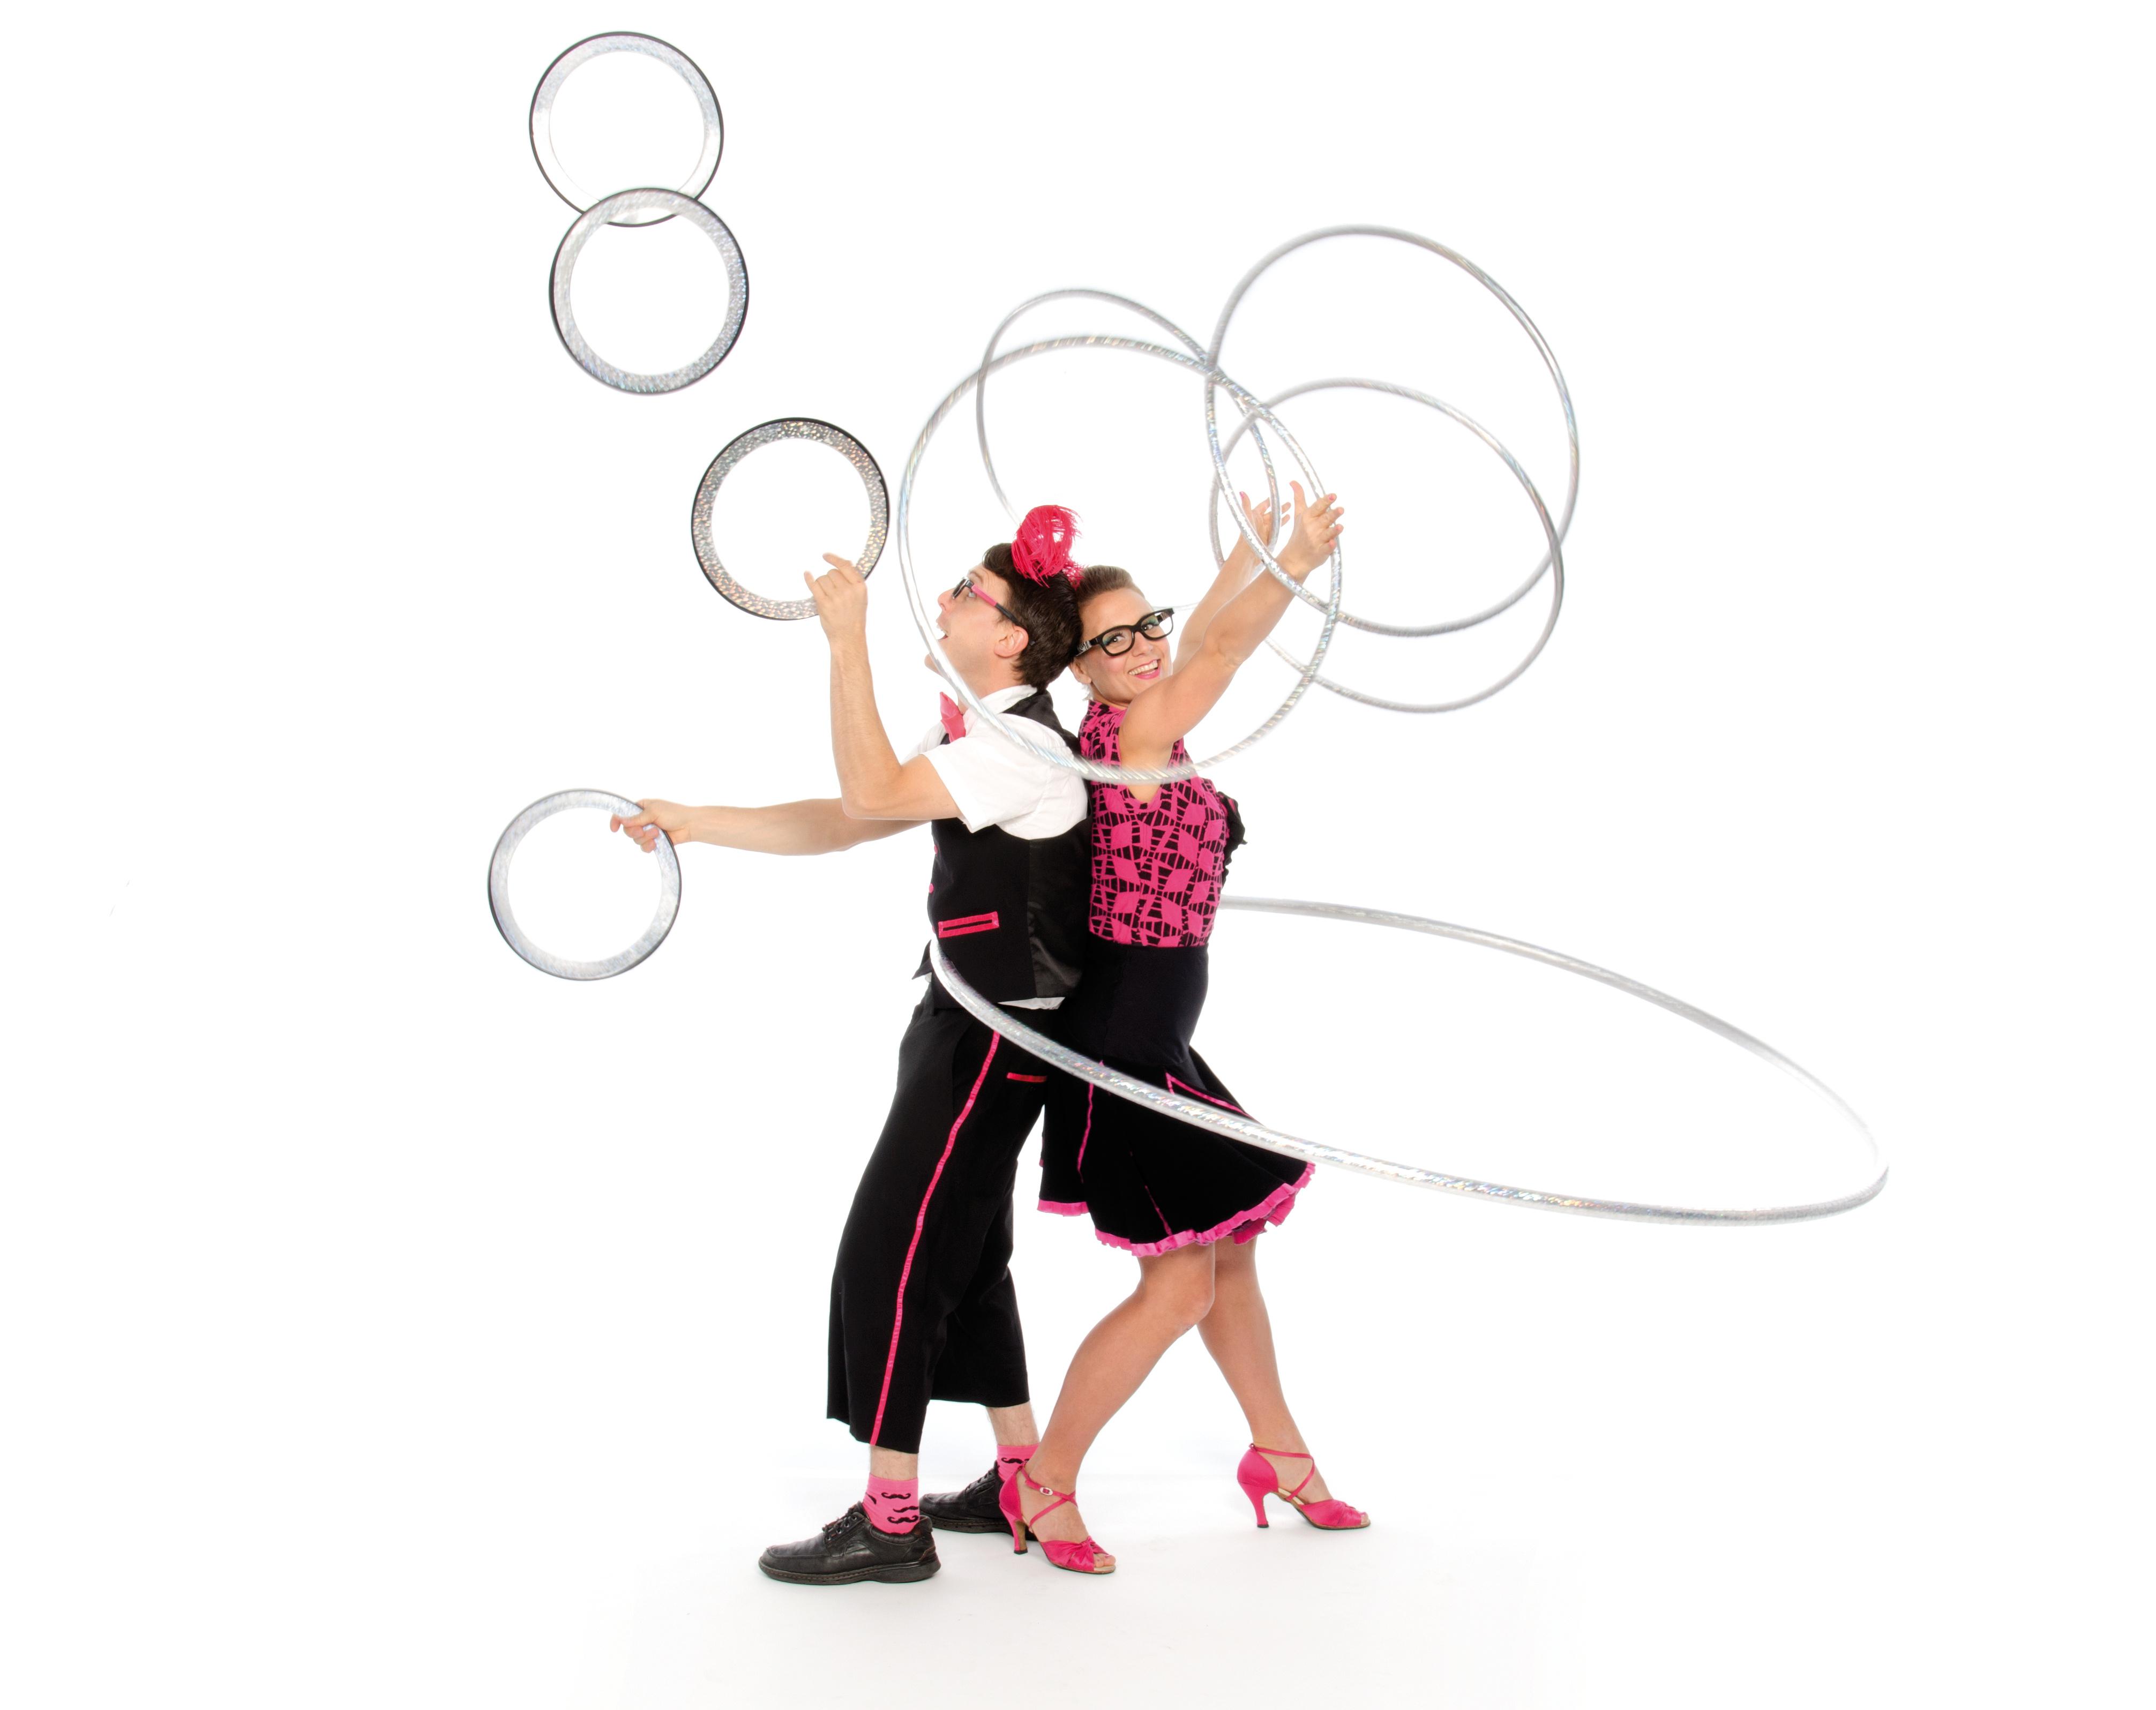 2-Duo hoops